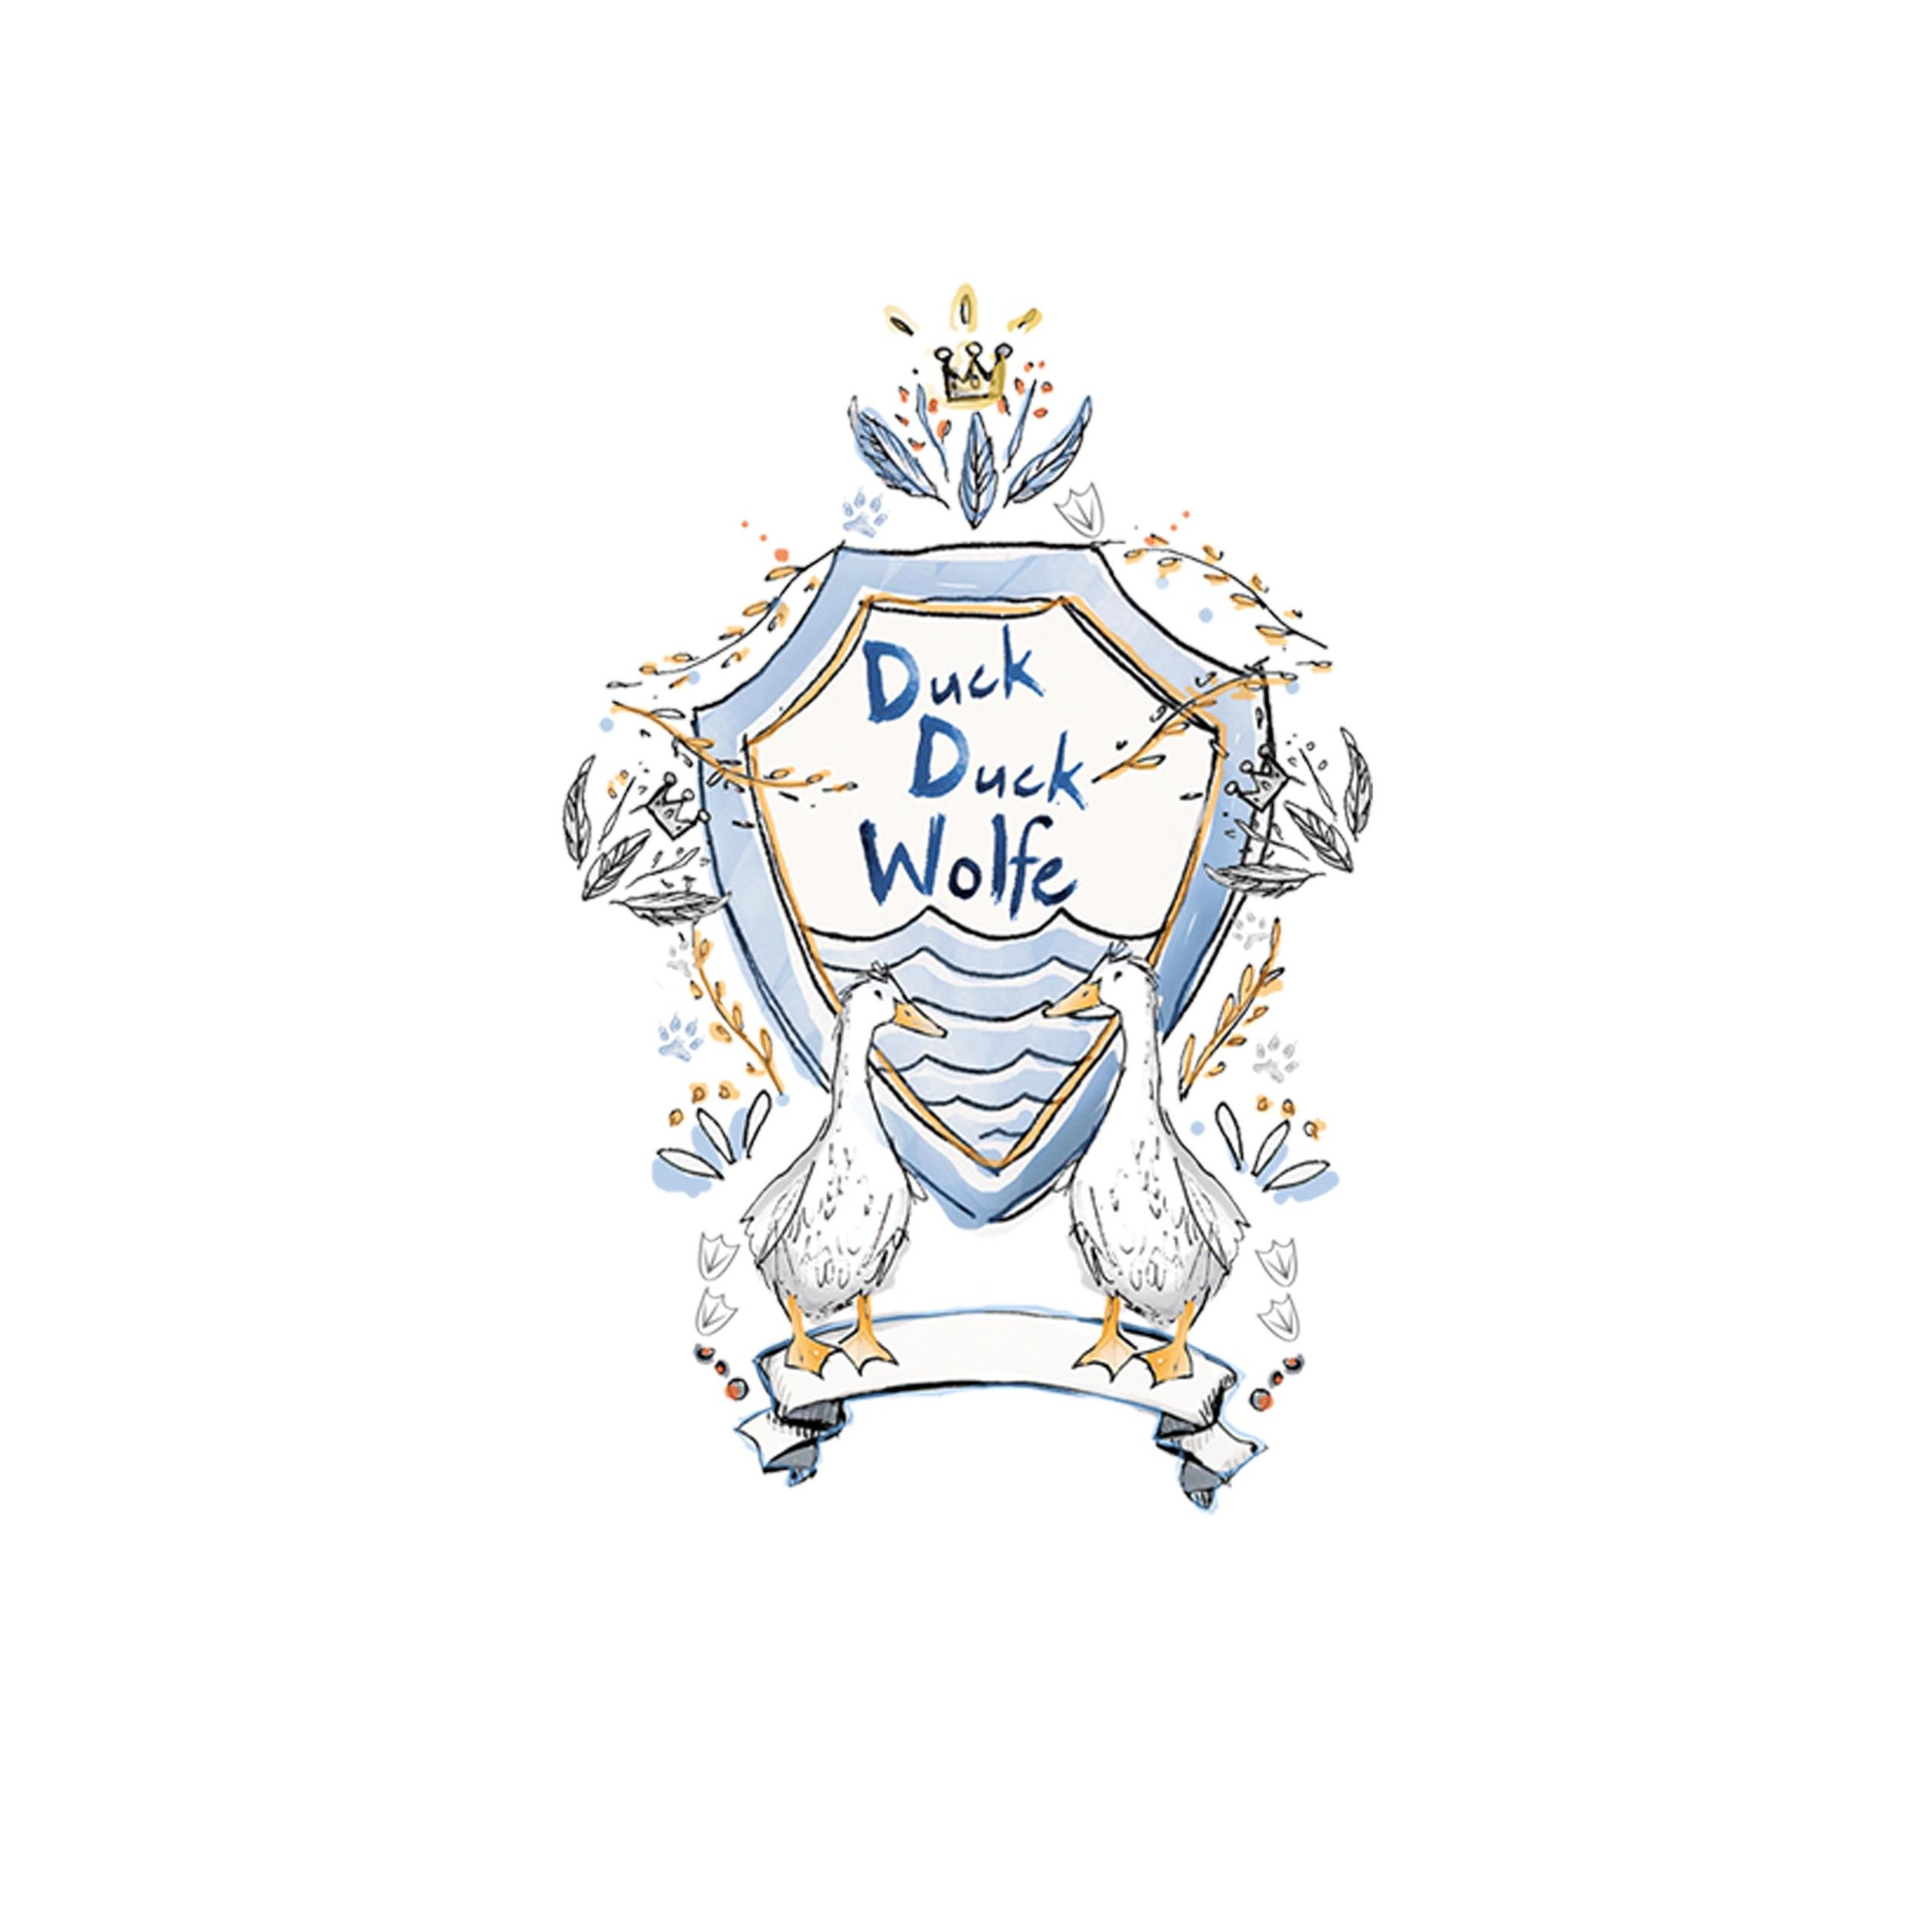 DDW illustrated logo by Deanna First.jpg